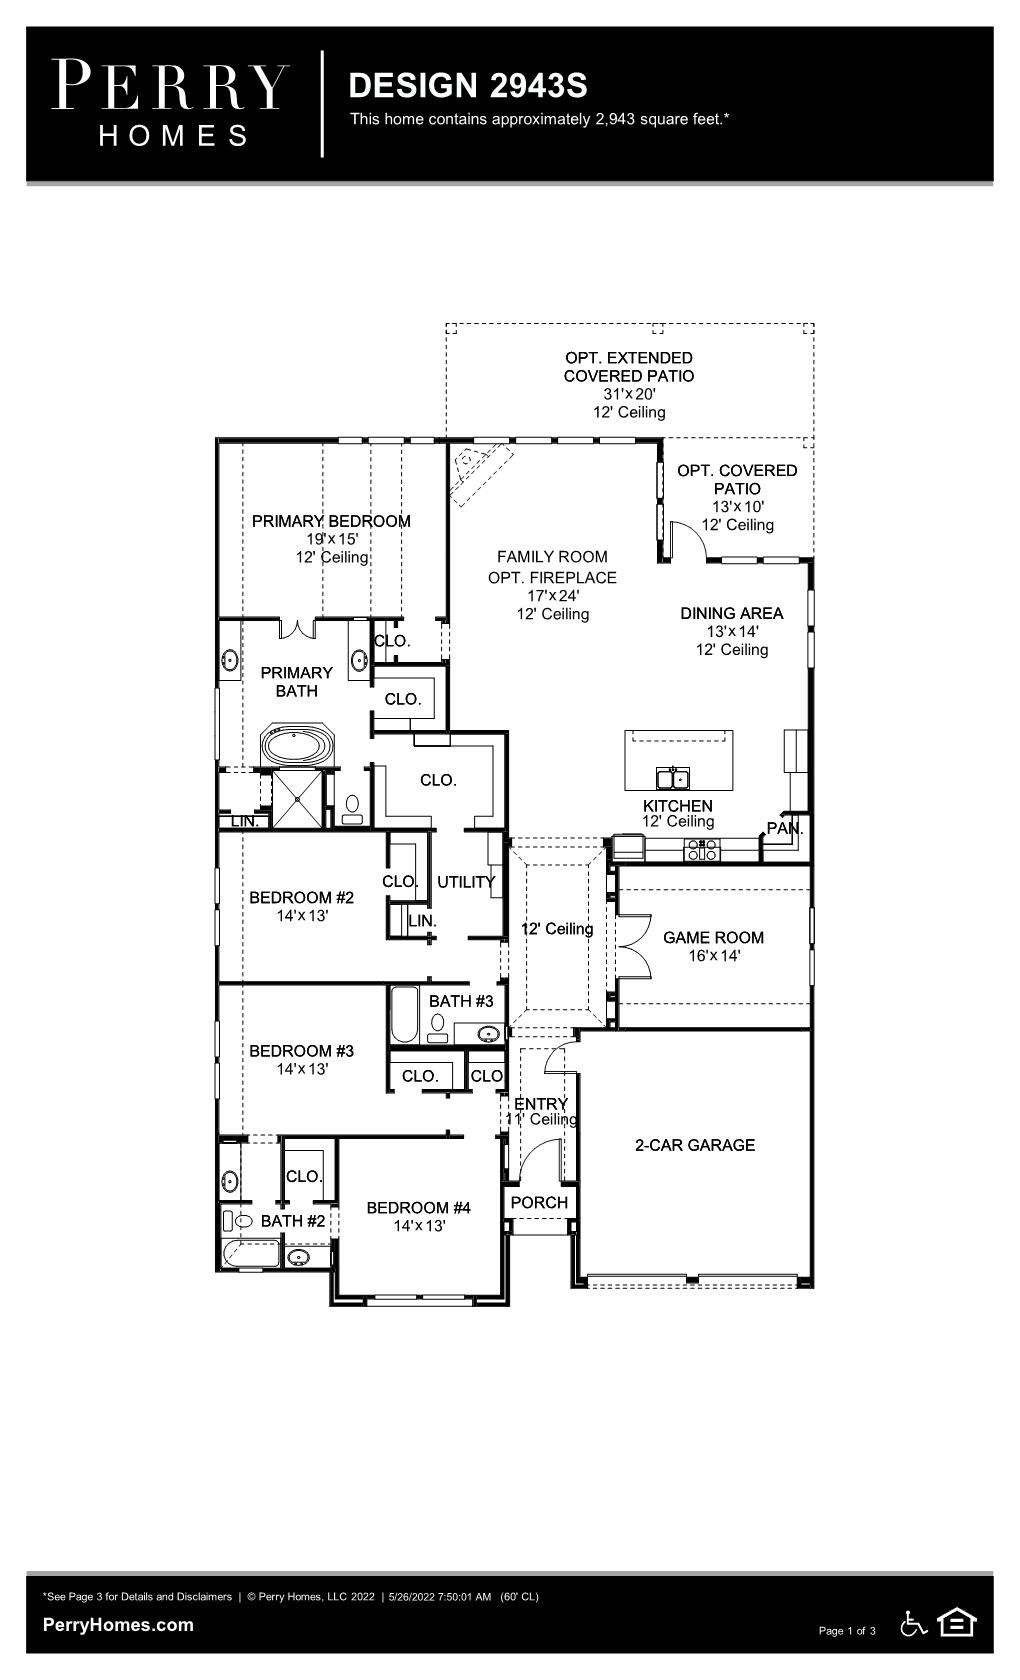 Floor Plan for 2943S